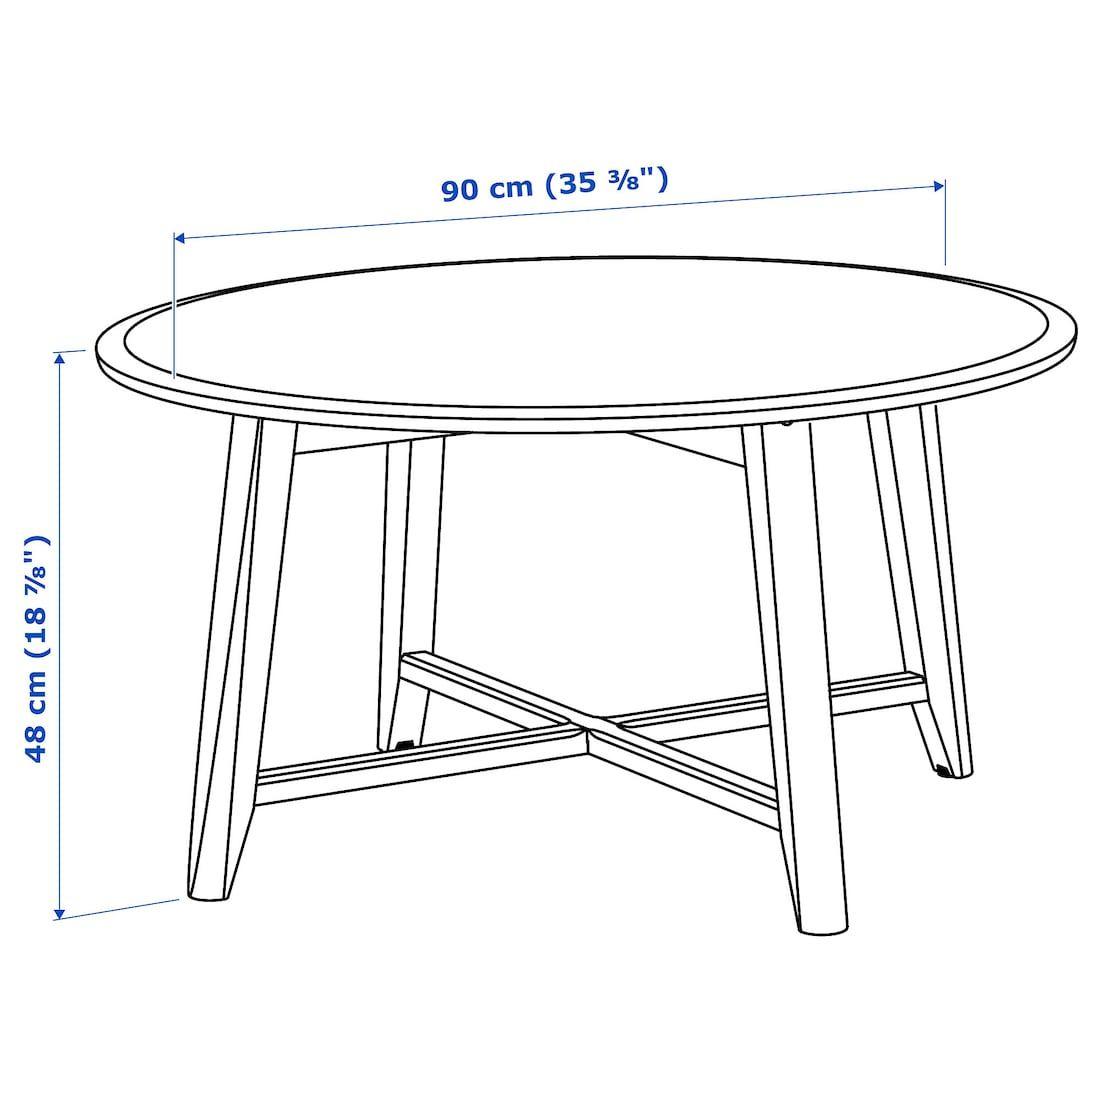 Kragsta Coffee Table Dark Blue Green 35 3 8 Ikea In 2020 Coffee Table White Coffee Table Black Coffee Tables [ 1100 x 1100 Pixel ]